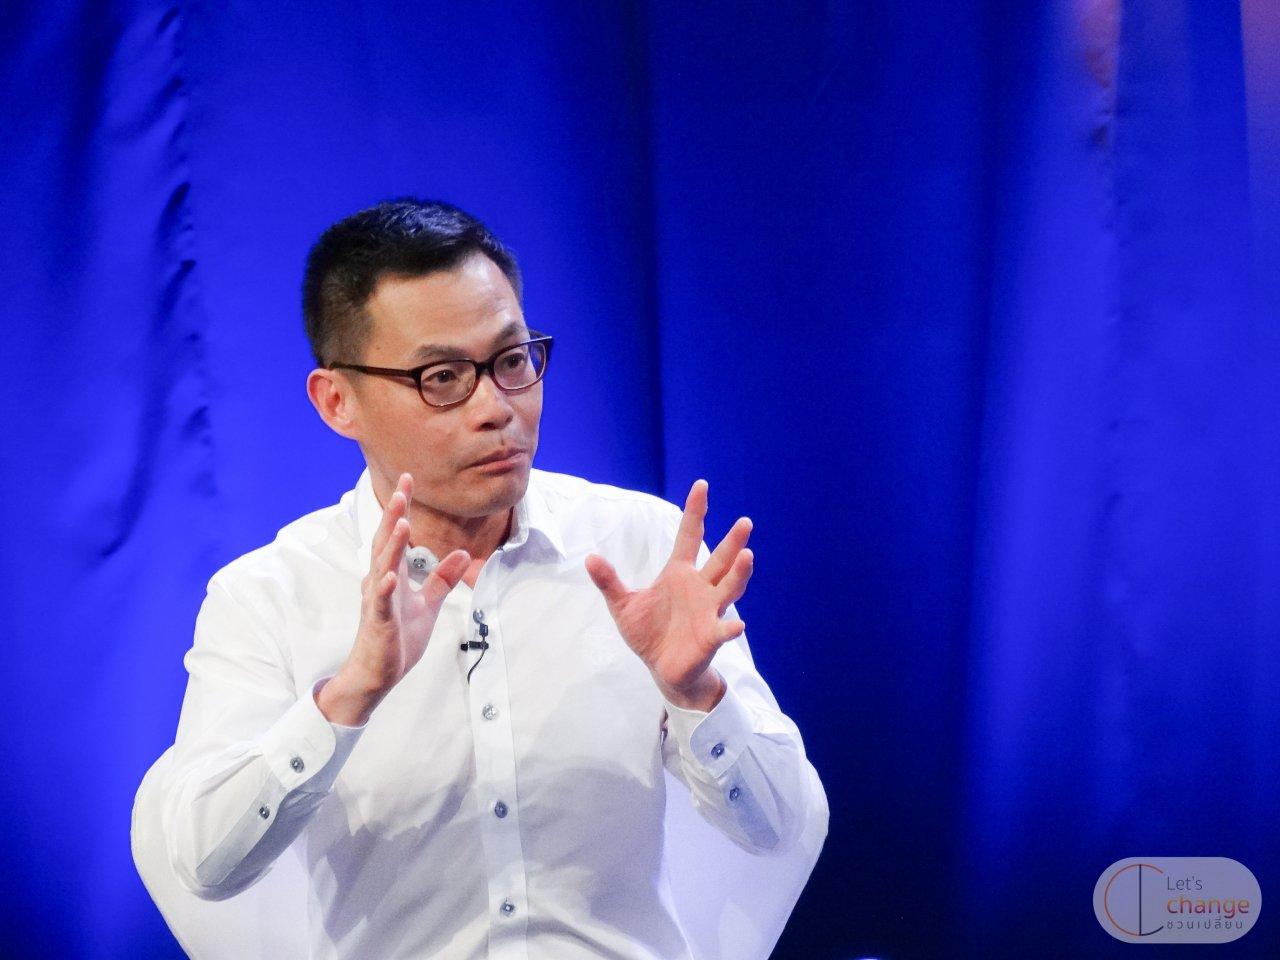 อาจารย์ ธันยวัชร์ ไชยตระกูลชัย : ผู้เชี่ยวชาญด้านการตลาด